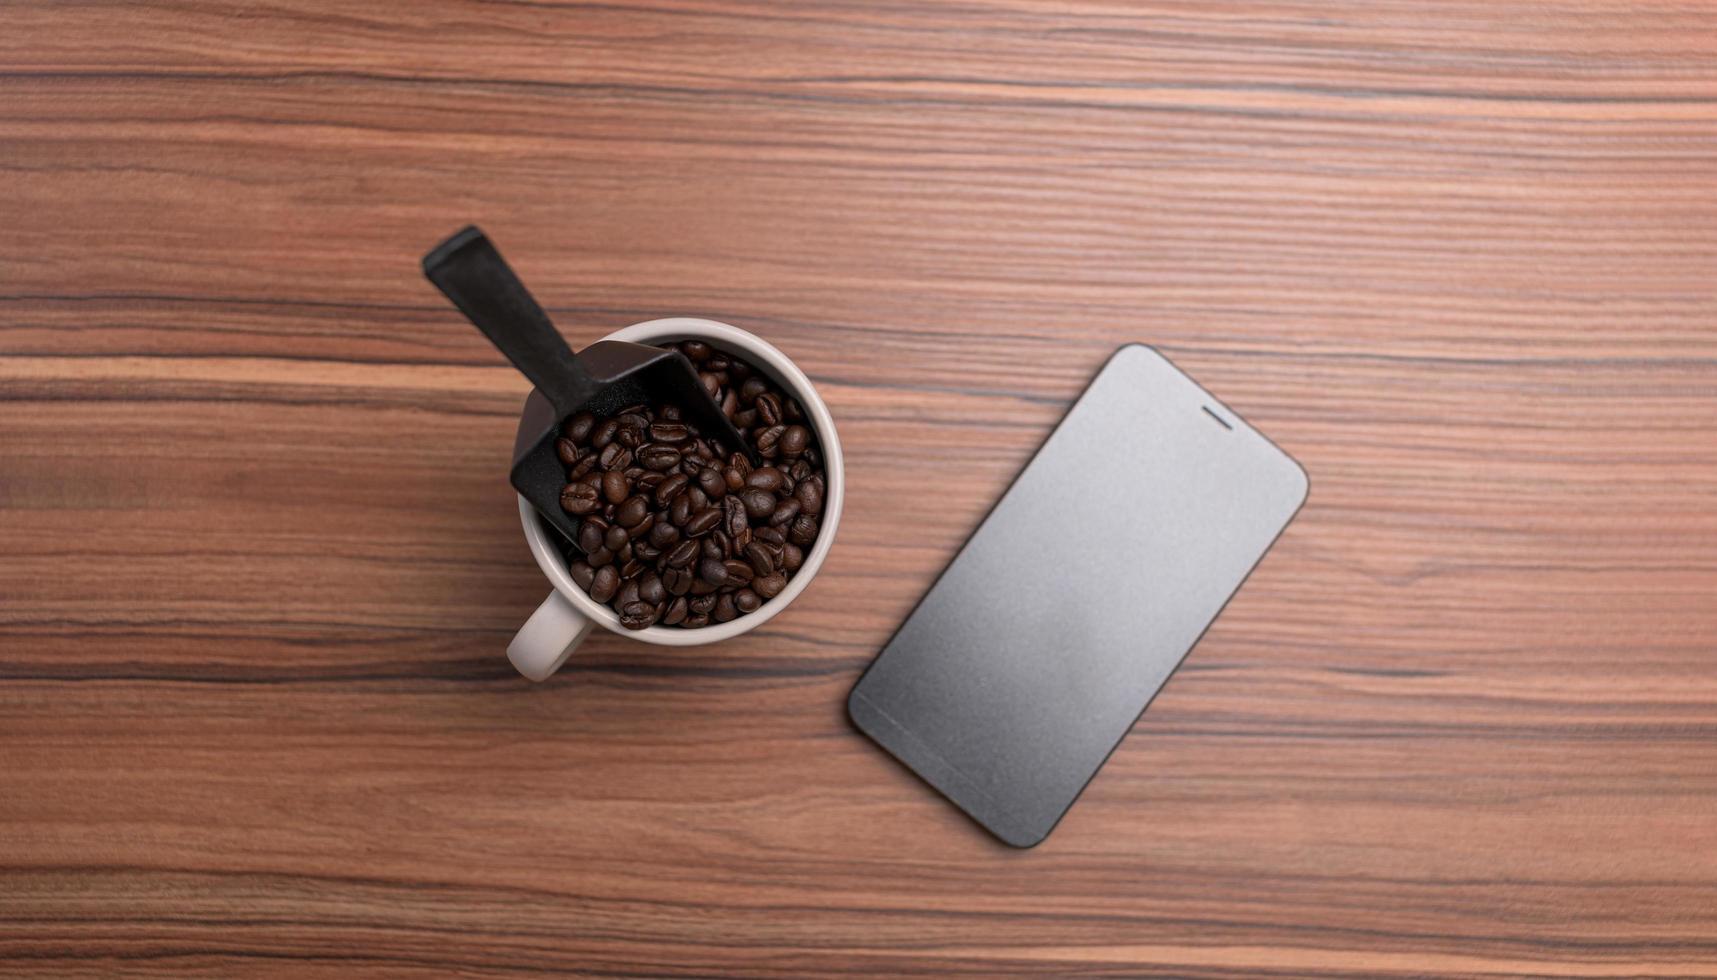 una tazza di caffè in grani e un telefono sono sulla scrivania foto